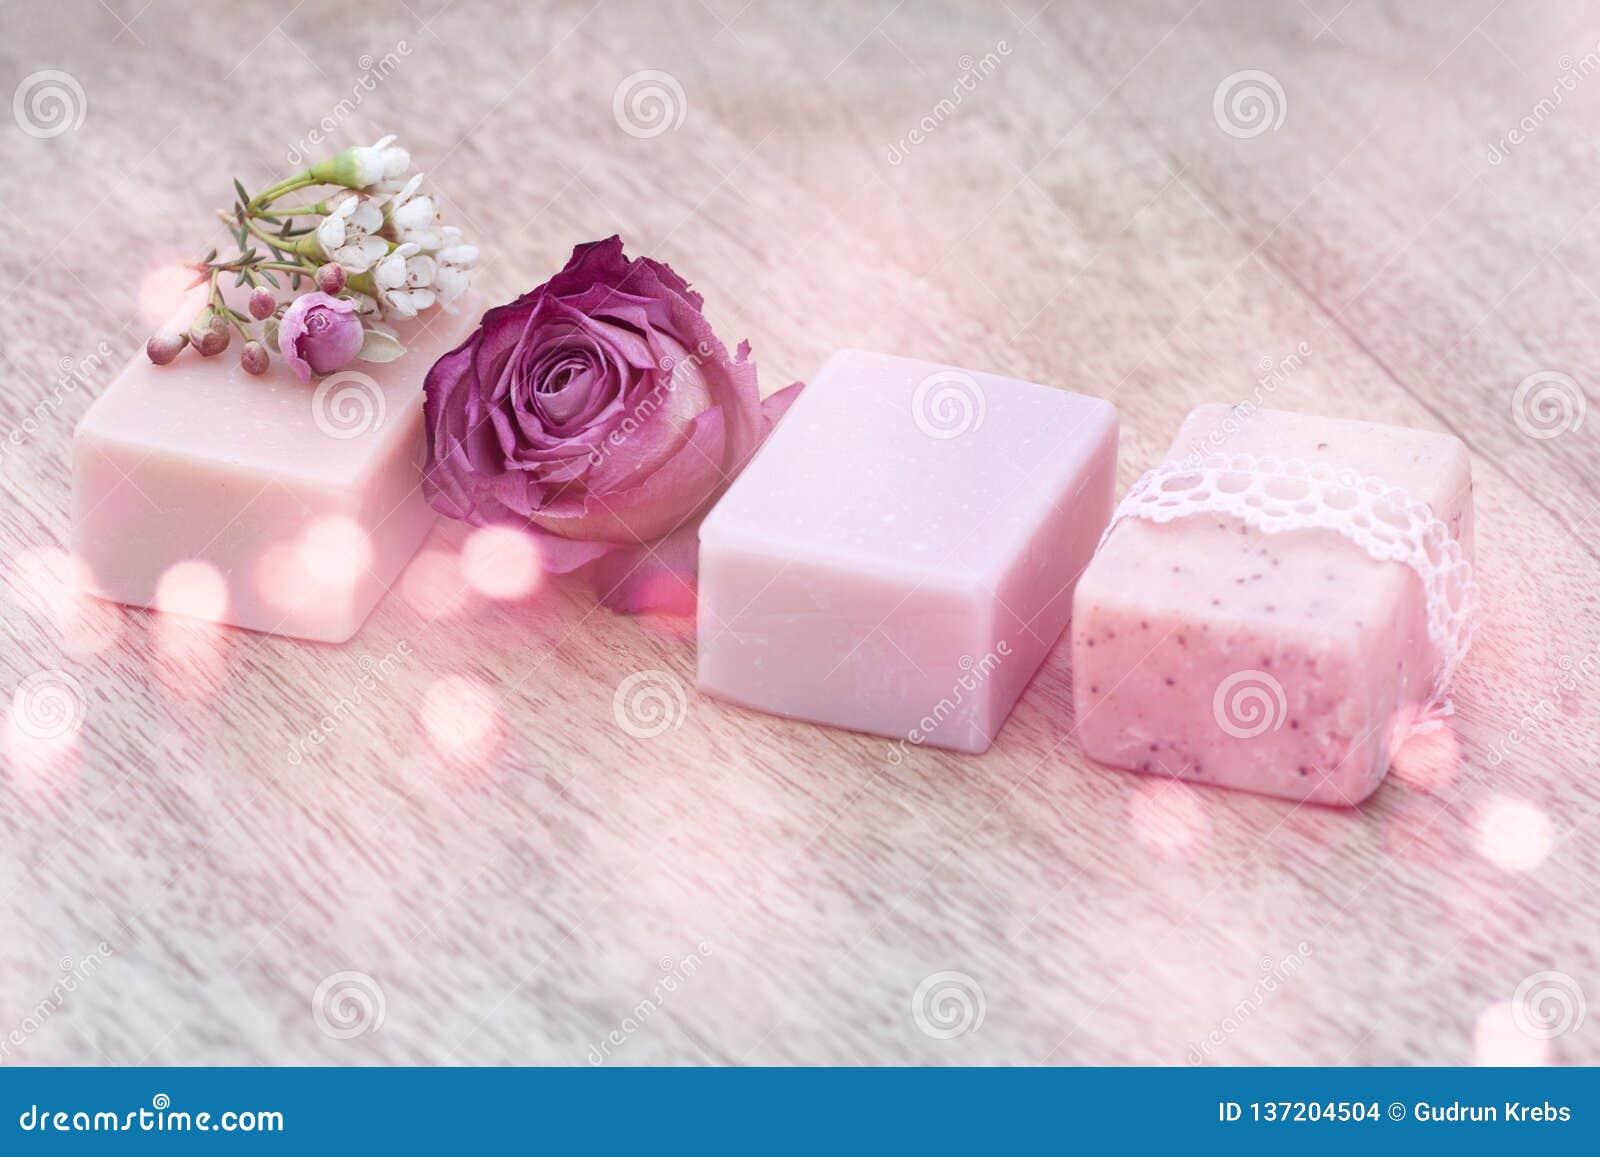 Decoratie met natuurlijke zeep